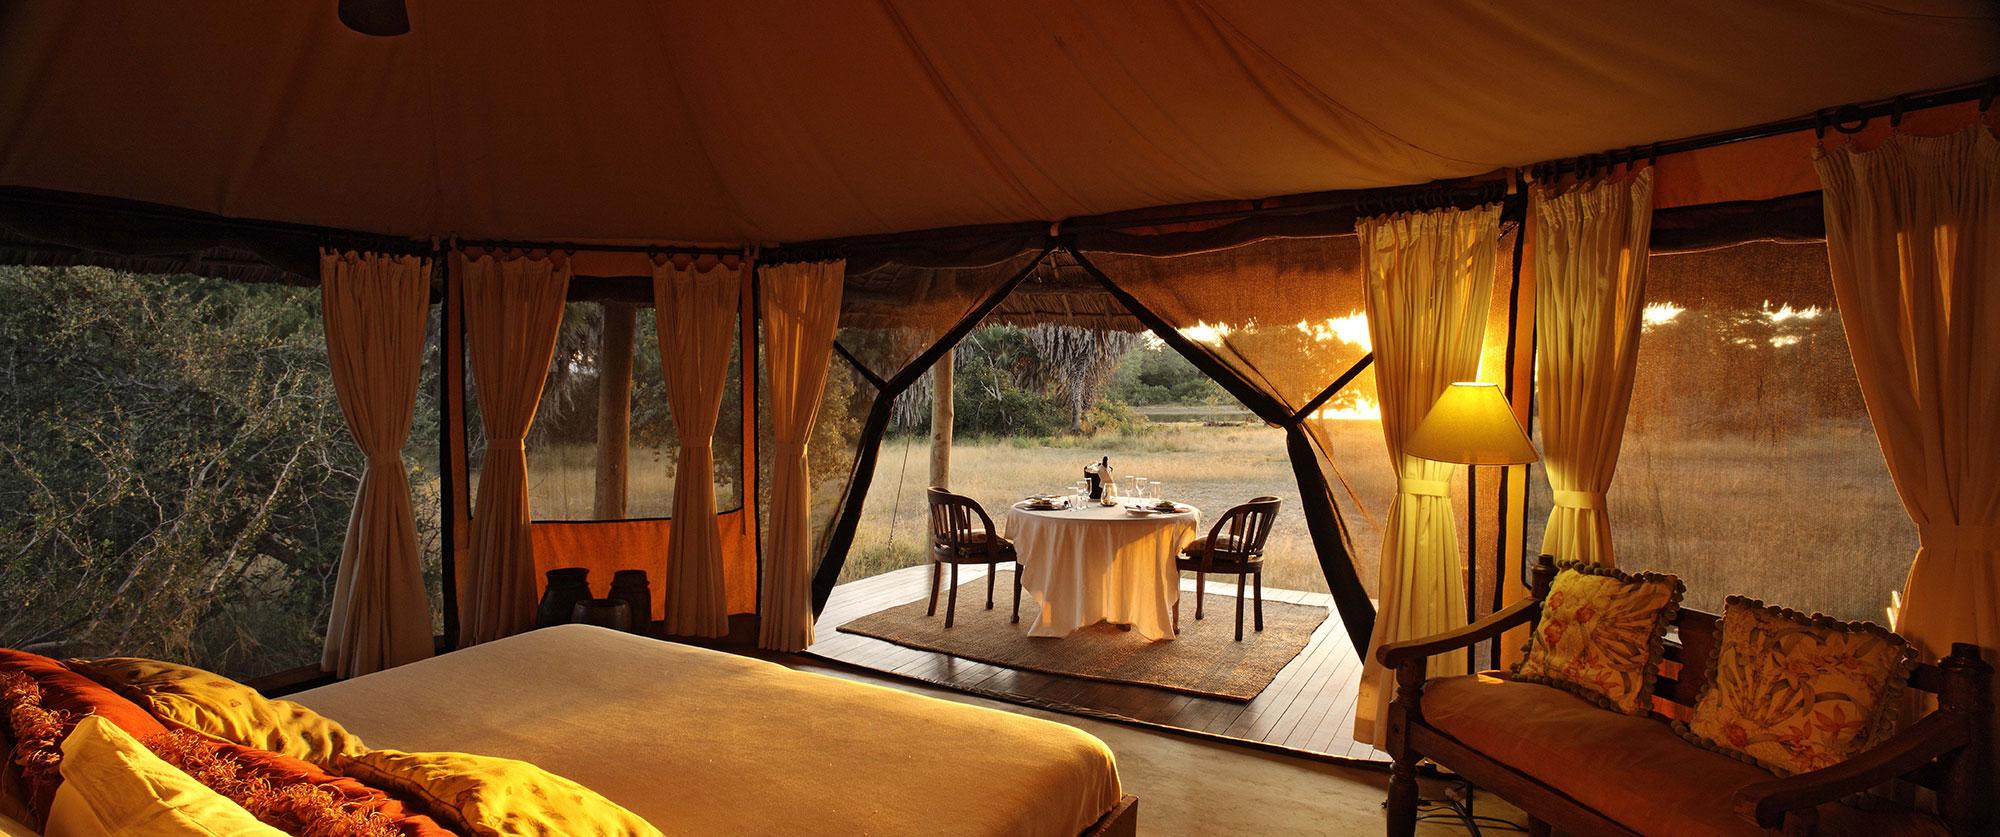 Siwandu Safari Camp Tanzania - Free Nights at Luxury Tanzania Safari Camps